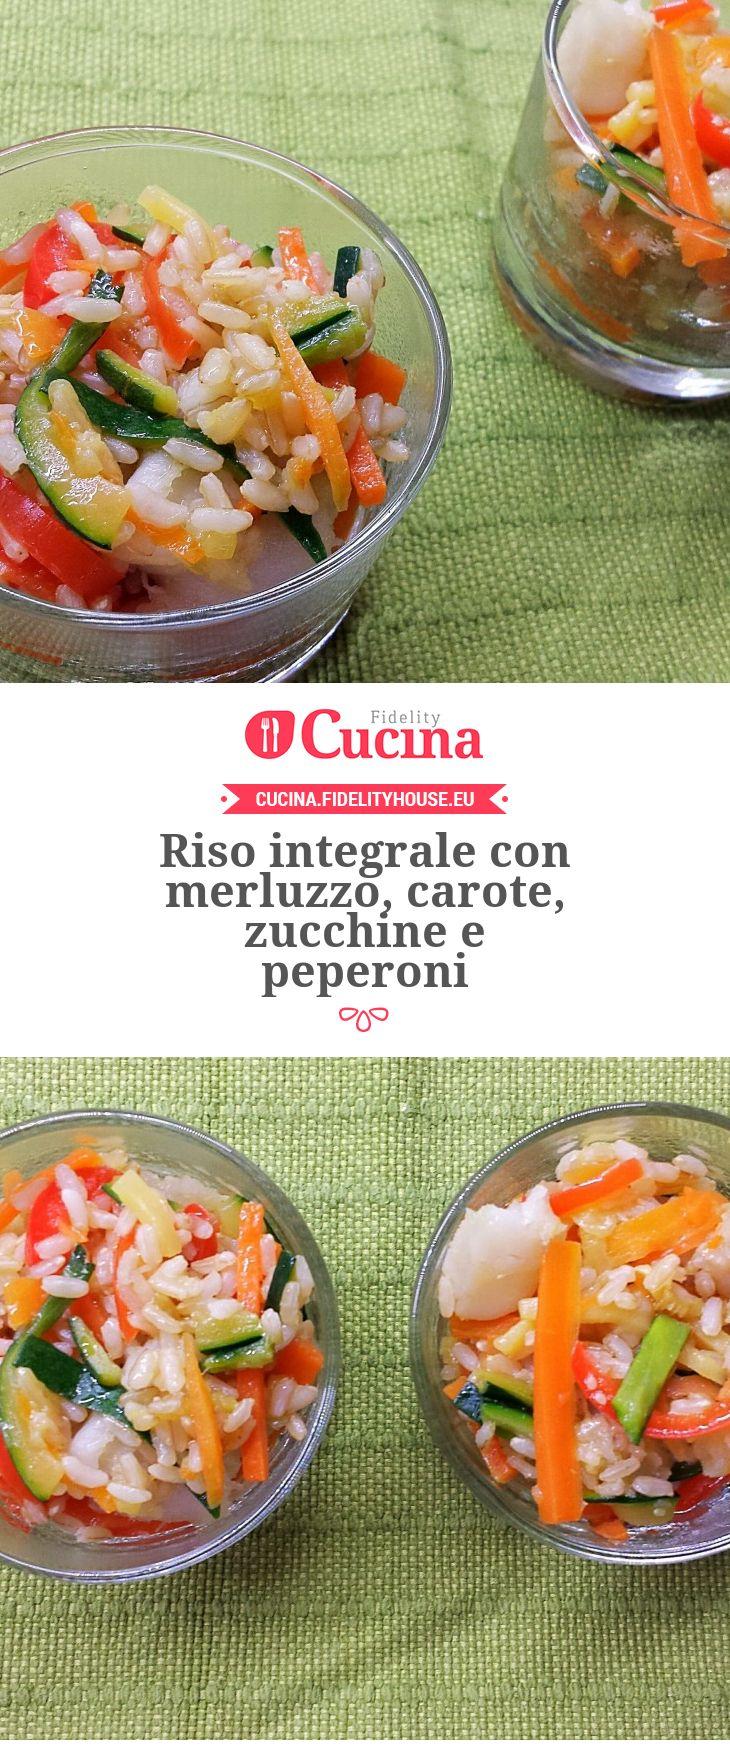 Riso integrale con merluzzo, carote, zucchine e peperoni della nostra utente Giada. Unisciti alla nostra Community ed invia le tue ricette!